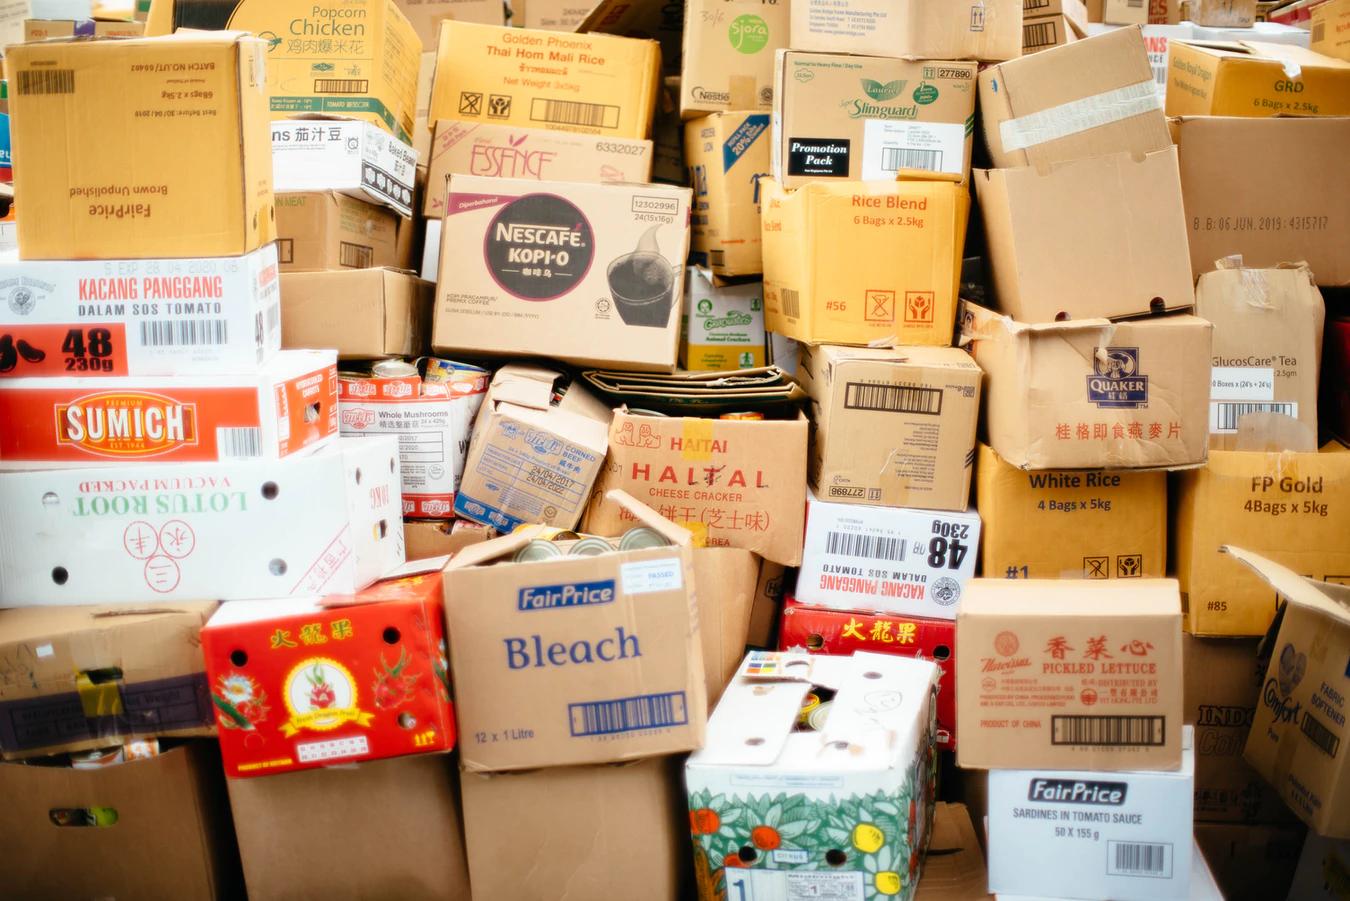 Stěhování krok za krokem: Kde vzít krabice a komu zavolat?